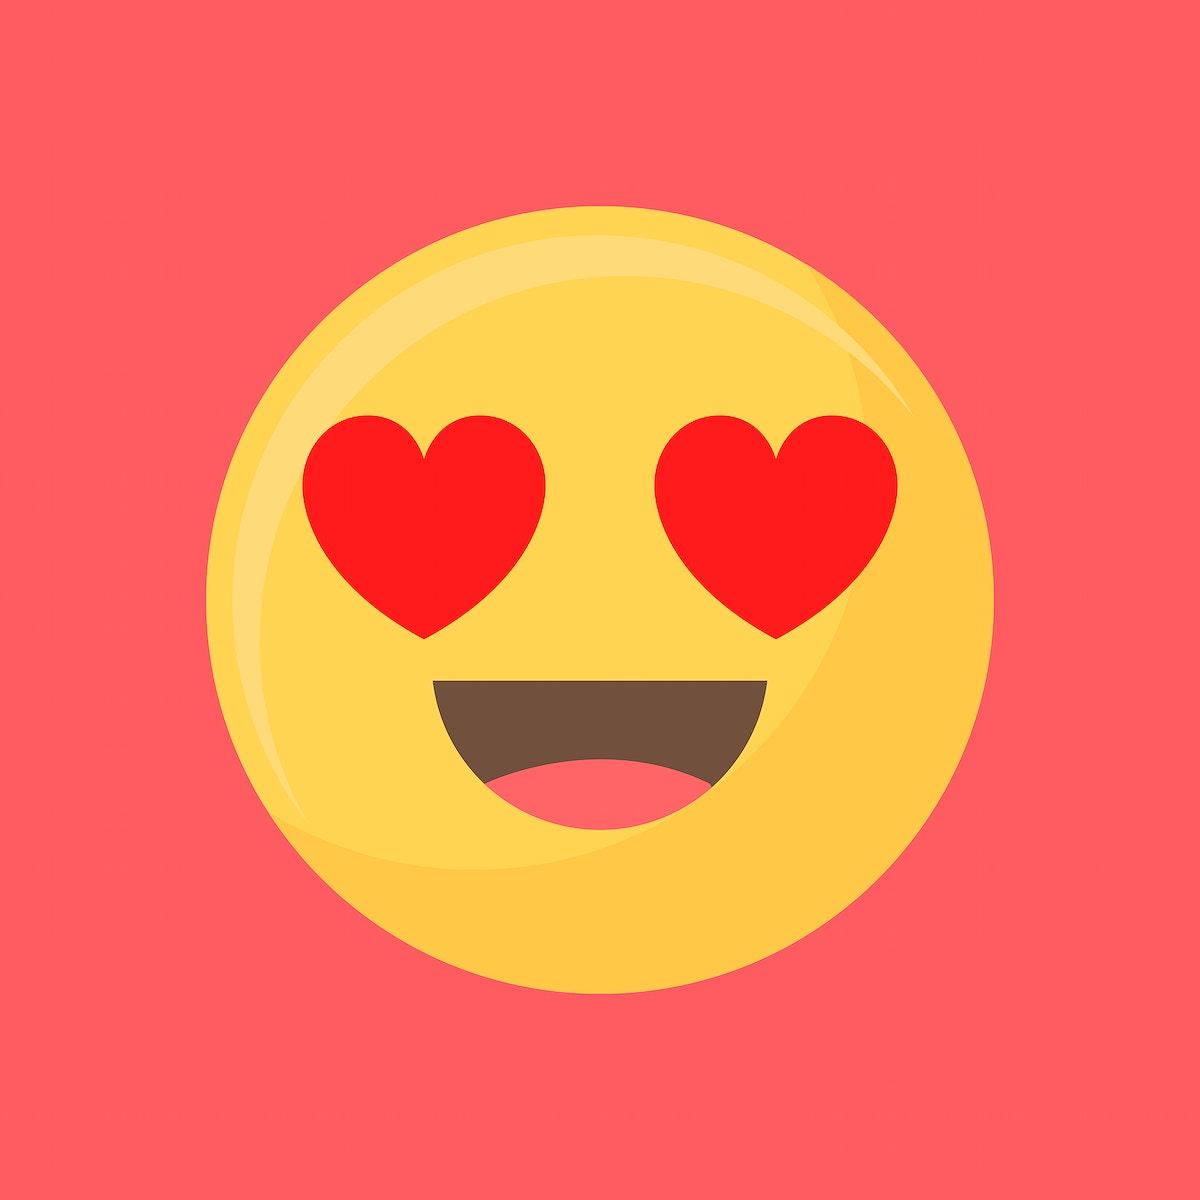 Heart-eyes face emoticon symbol illustration